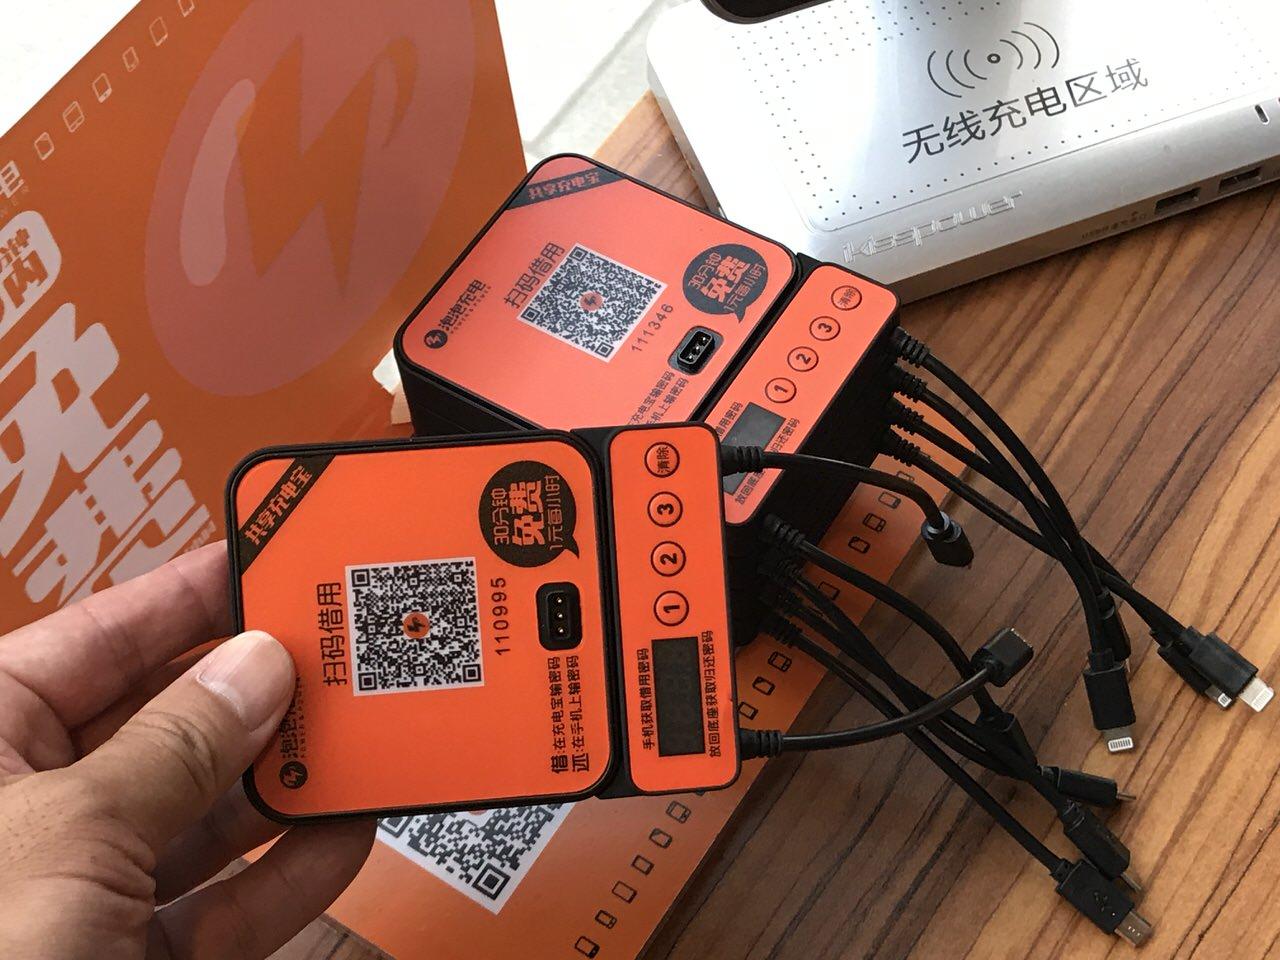 【ローソン】スマホ用モバイルバッテリーを貸し出すサービス開始へ